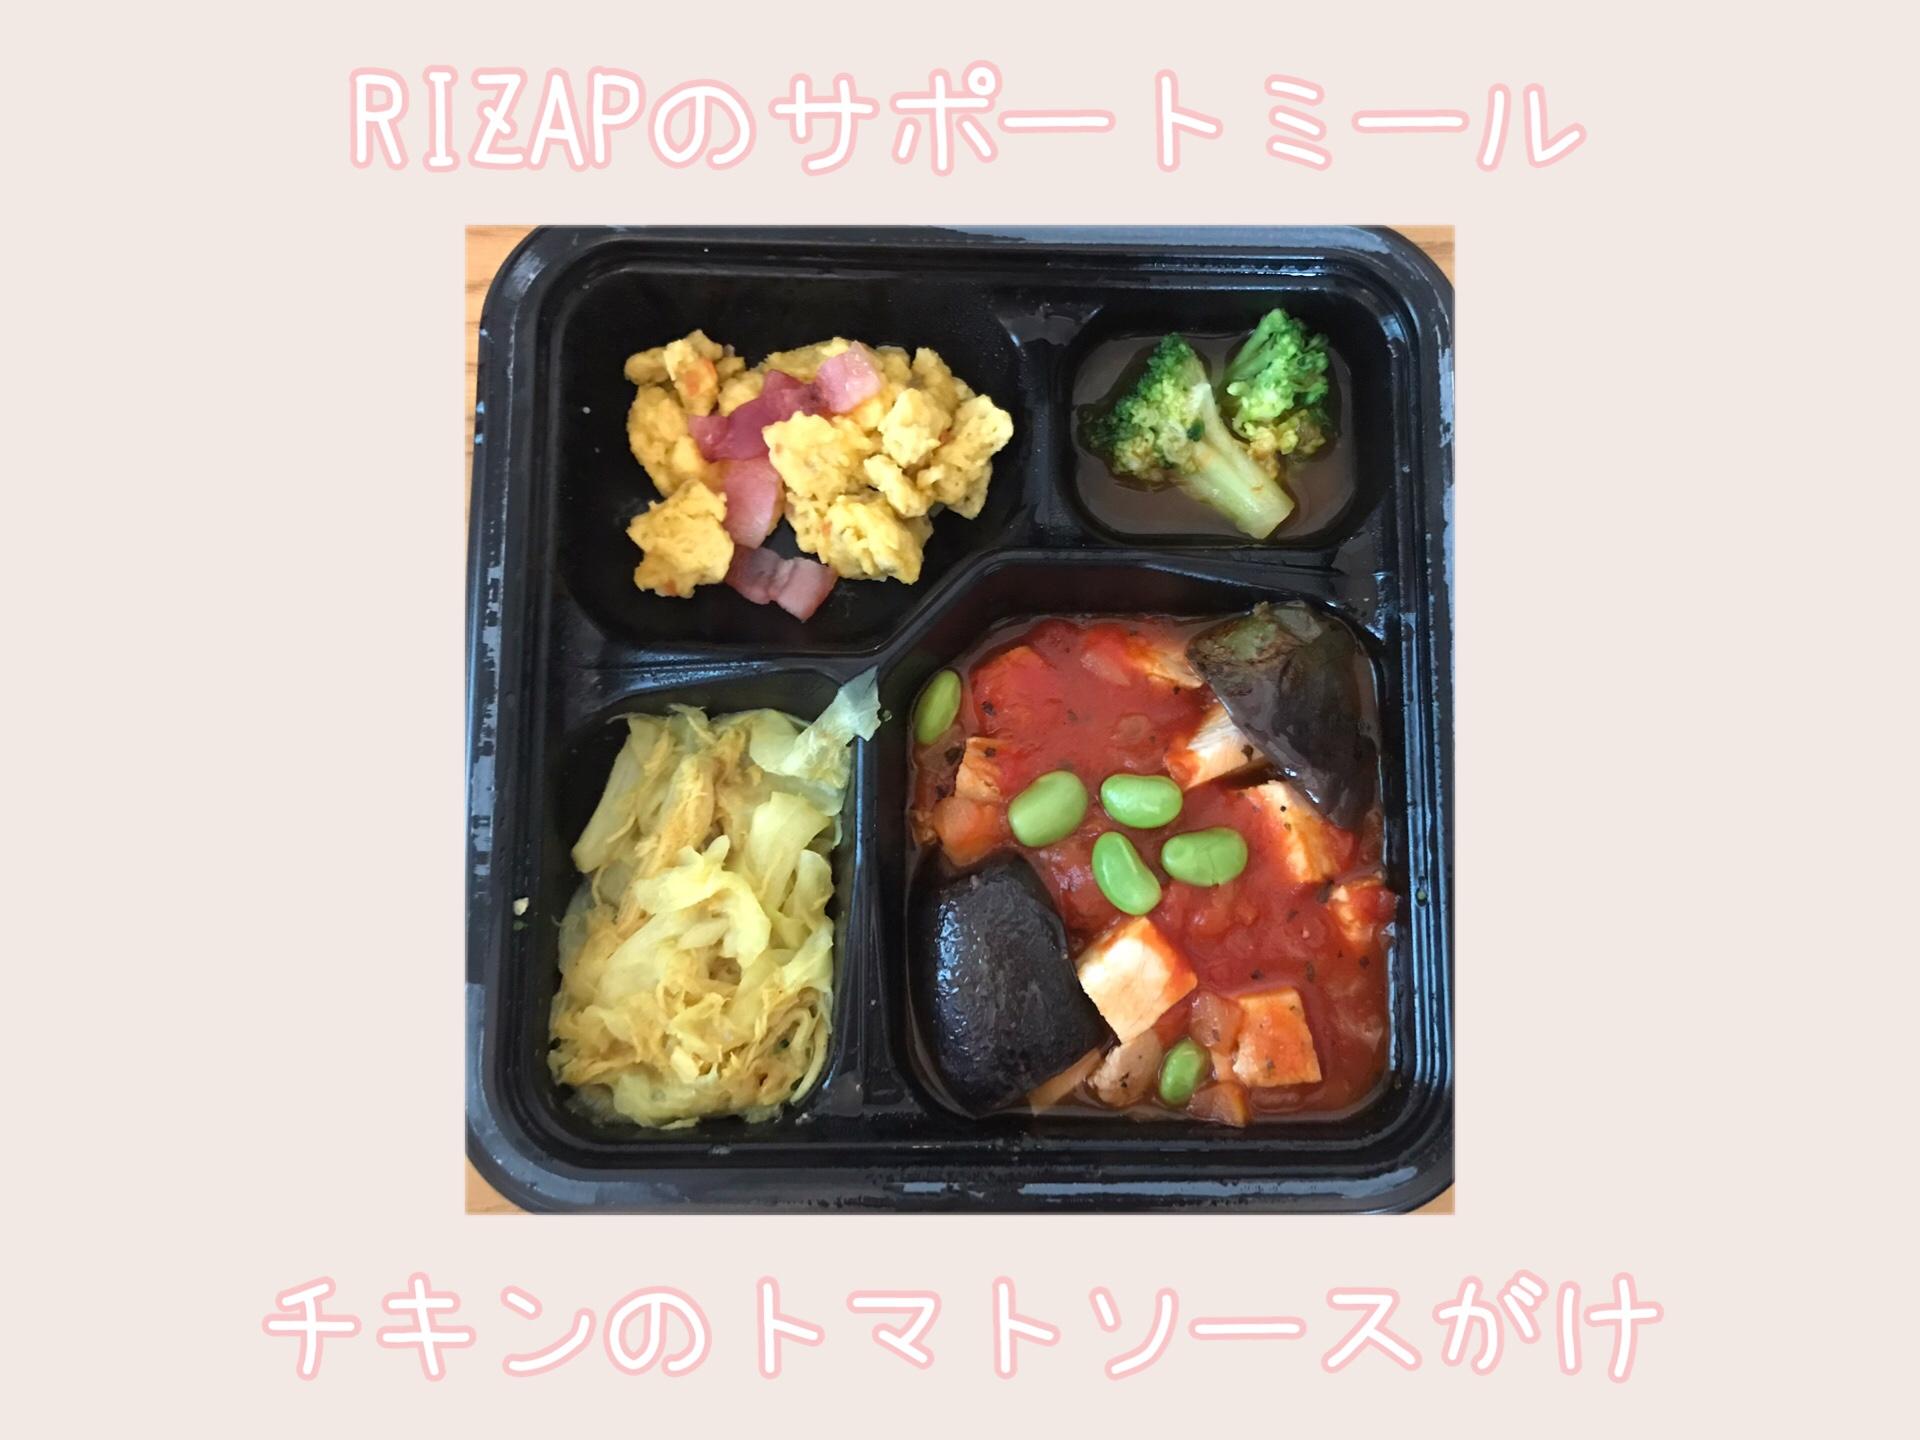 RIZAP(ライザップ)のサポートミール